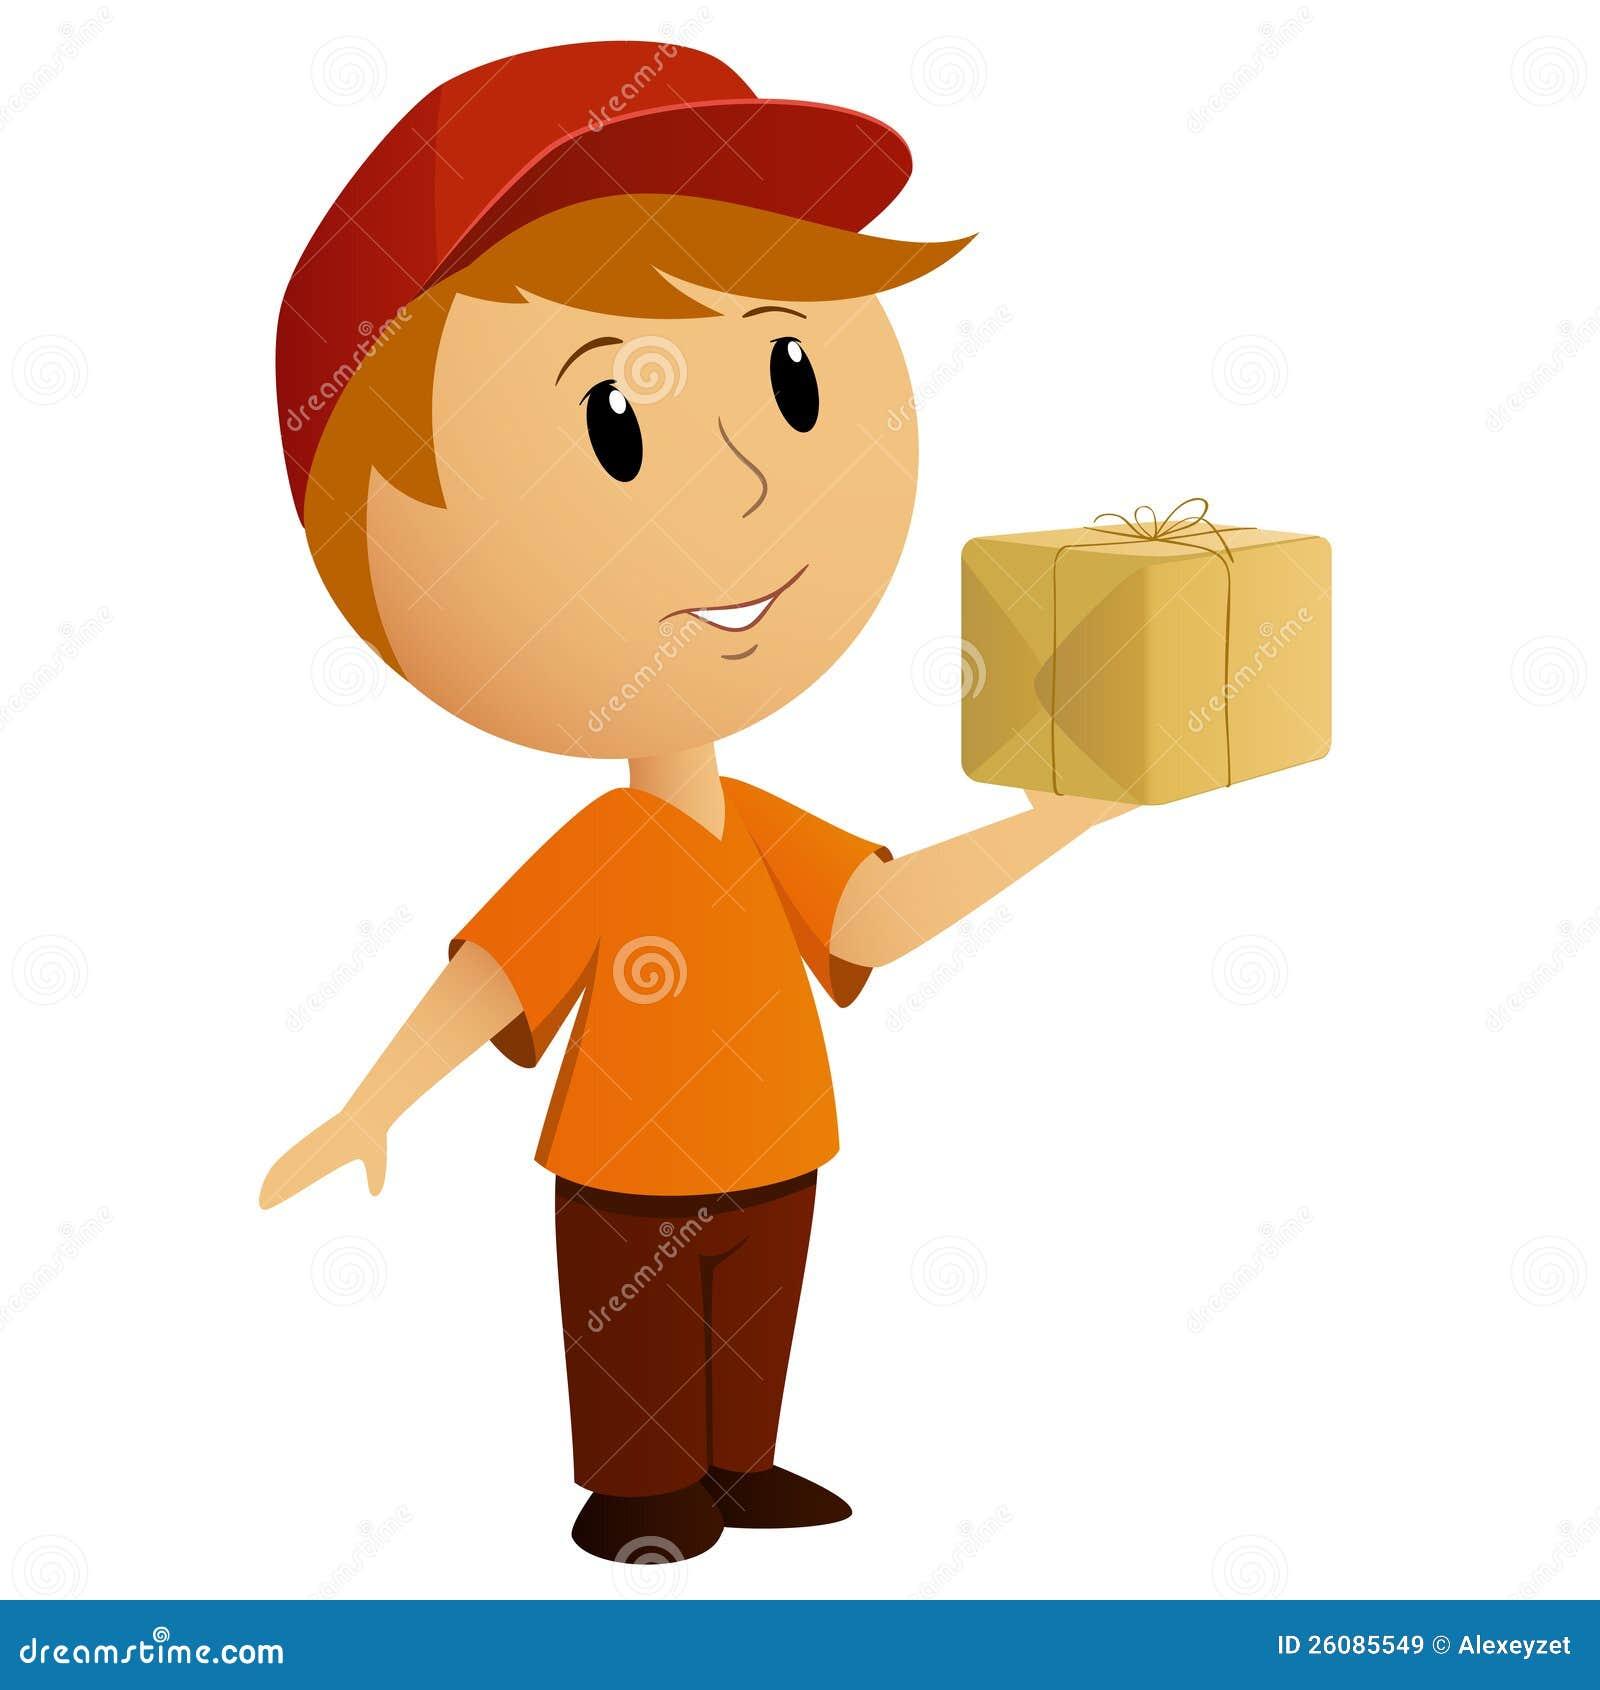 Носильщик мелких грузов шаржа с пакетом